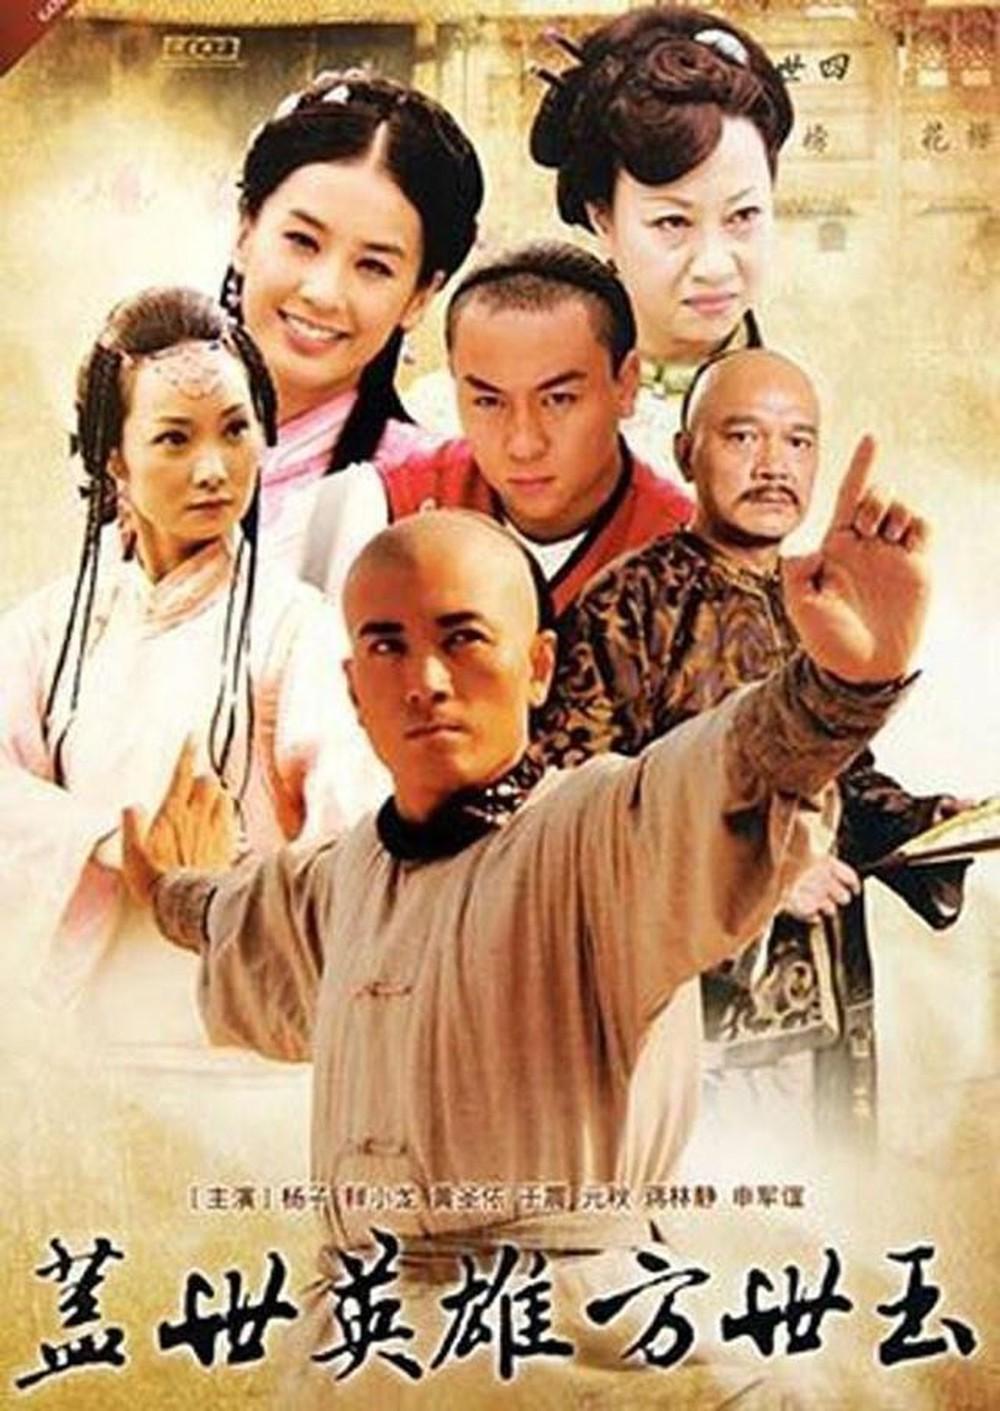 Cao Thủ Đệ Nhất Thiếu Lâm | Phim Bộ Kiếm Hiệp Trung Quốc Mới Hay Nhất